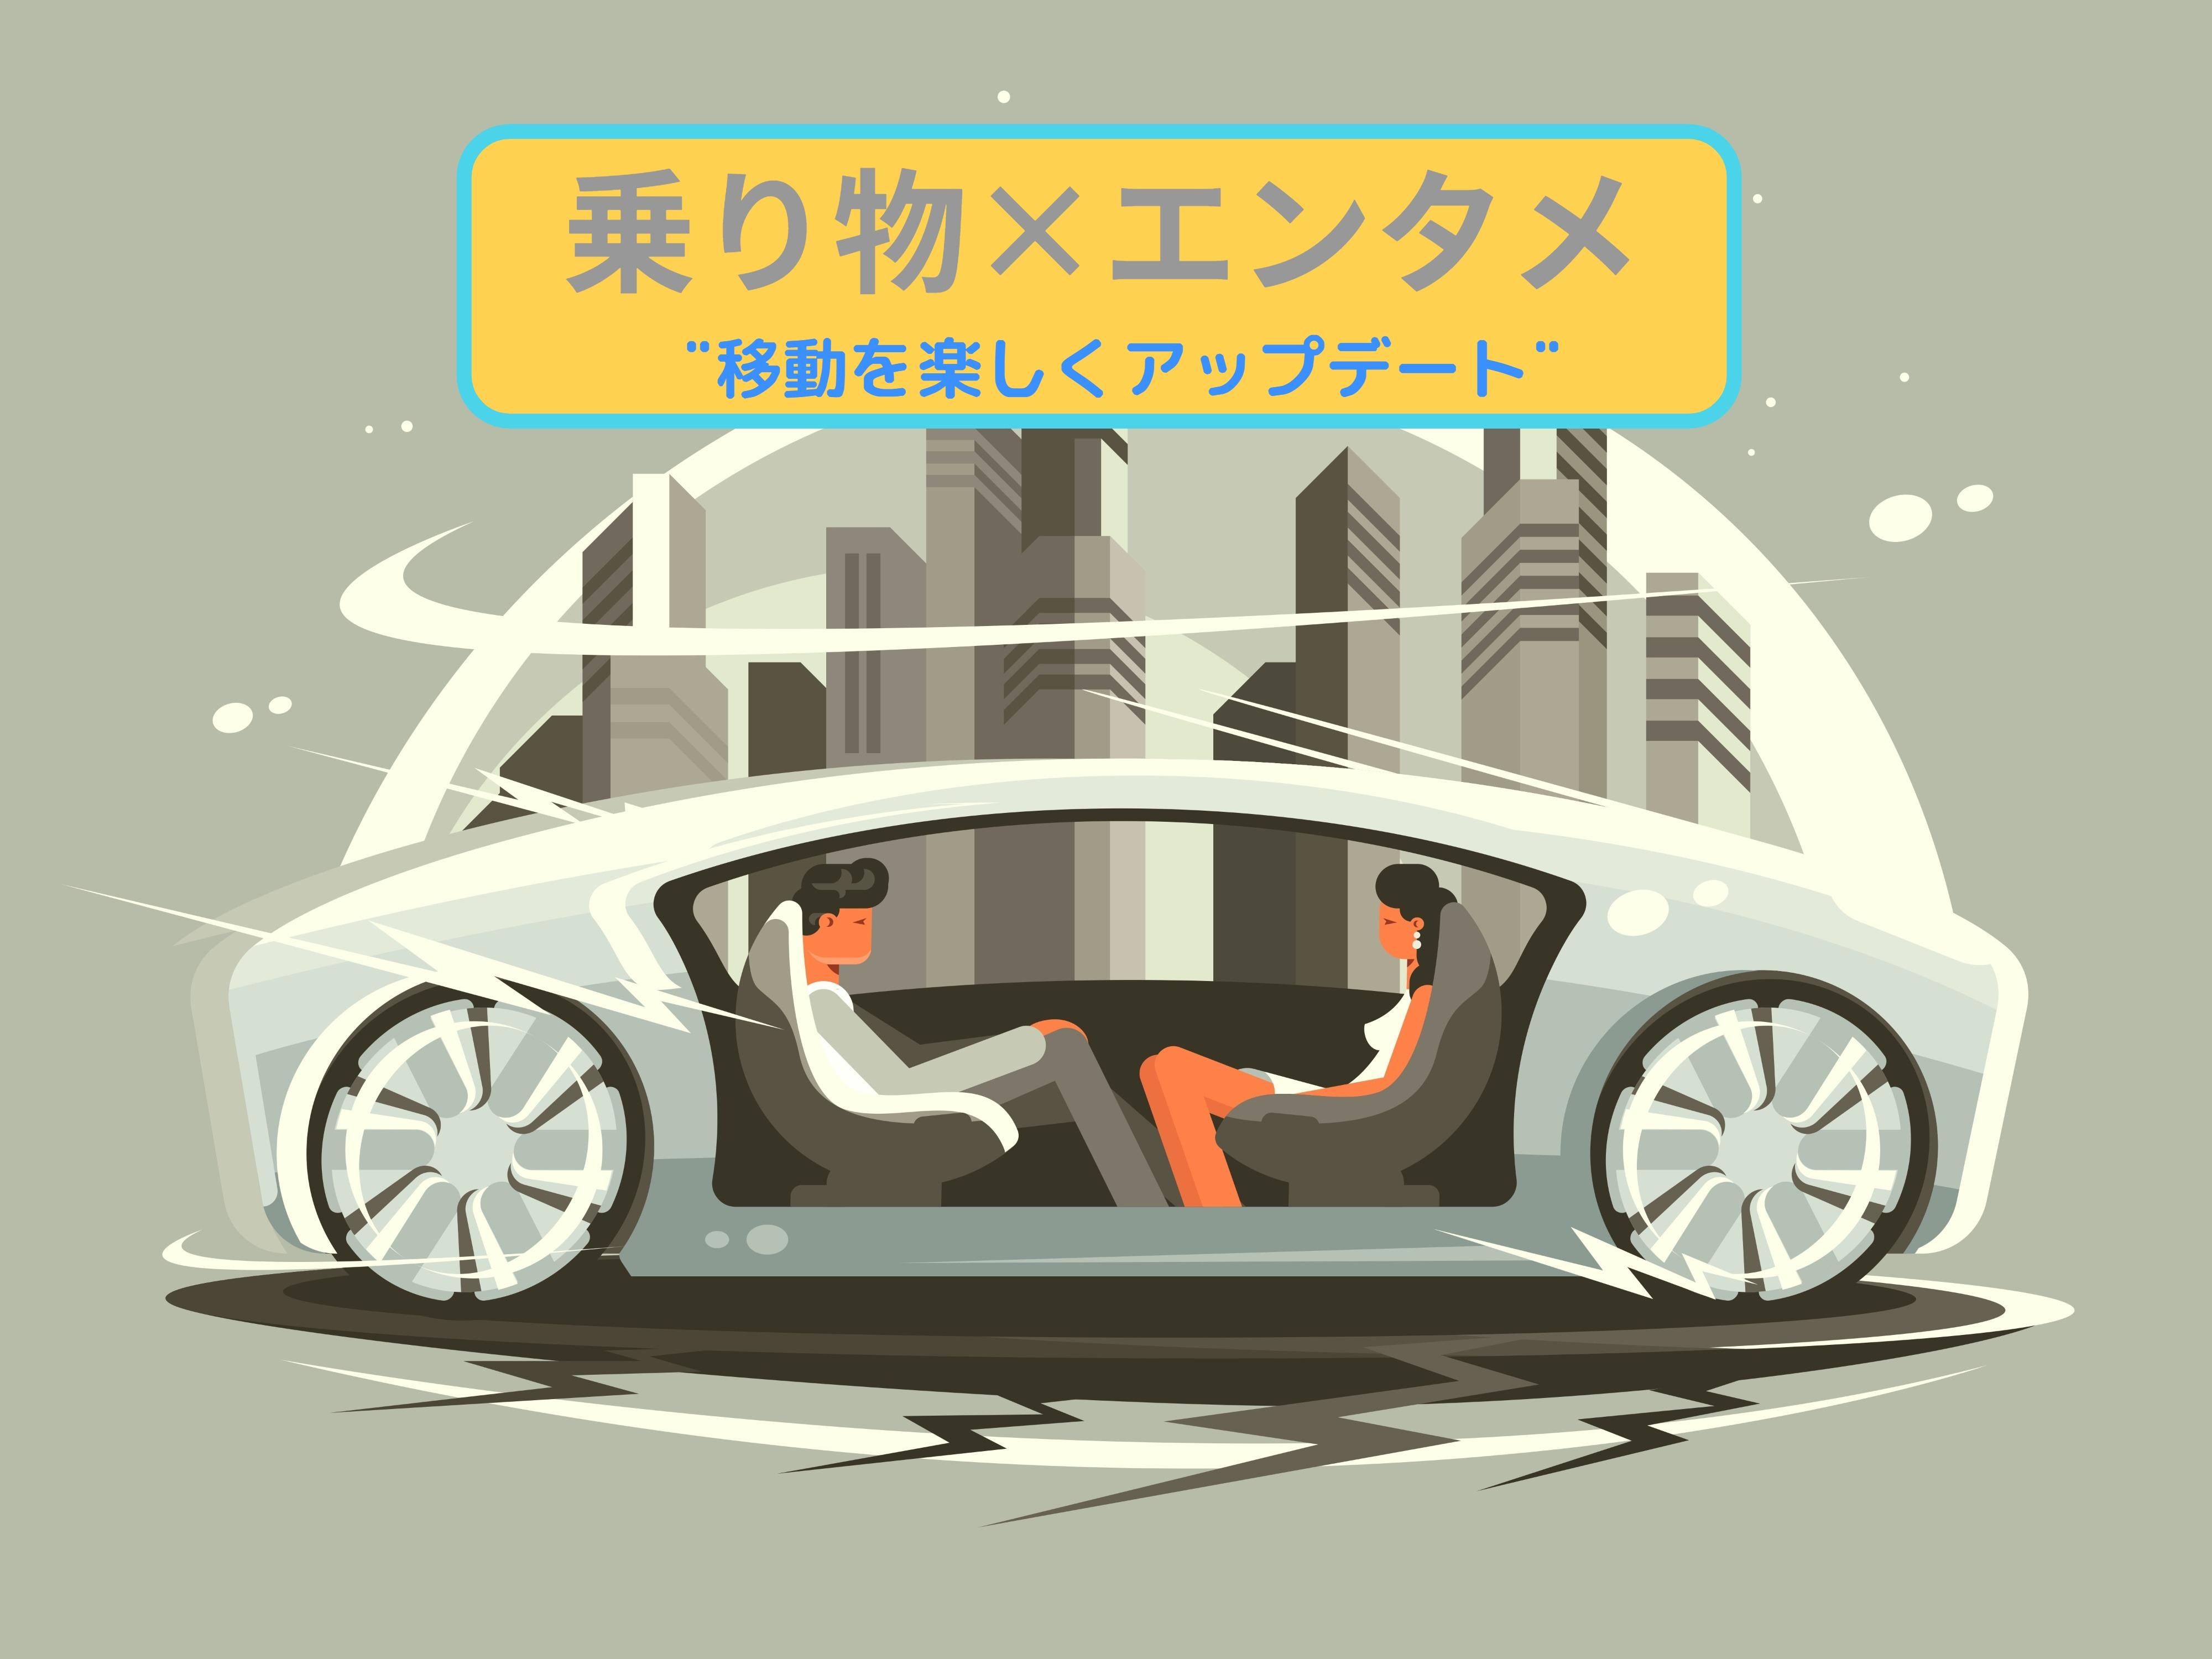 乗り物×エンタメ🛺  移動をもっと楽しくアップデートしよう!